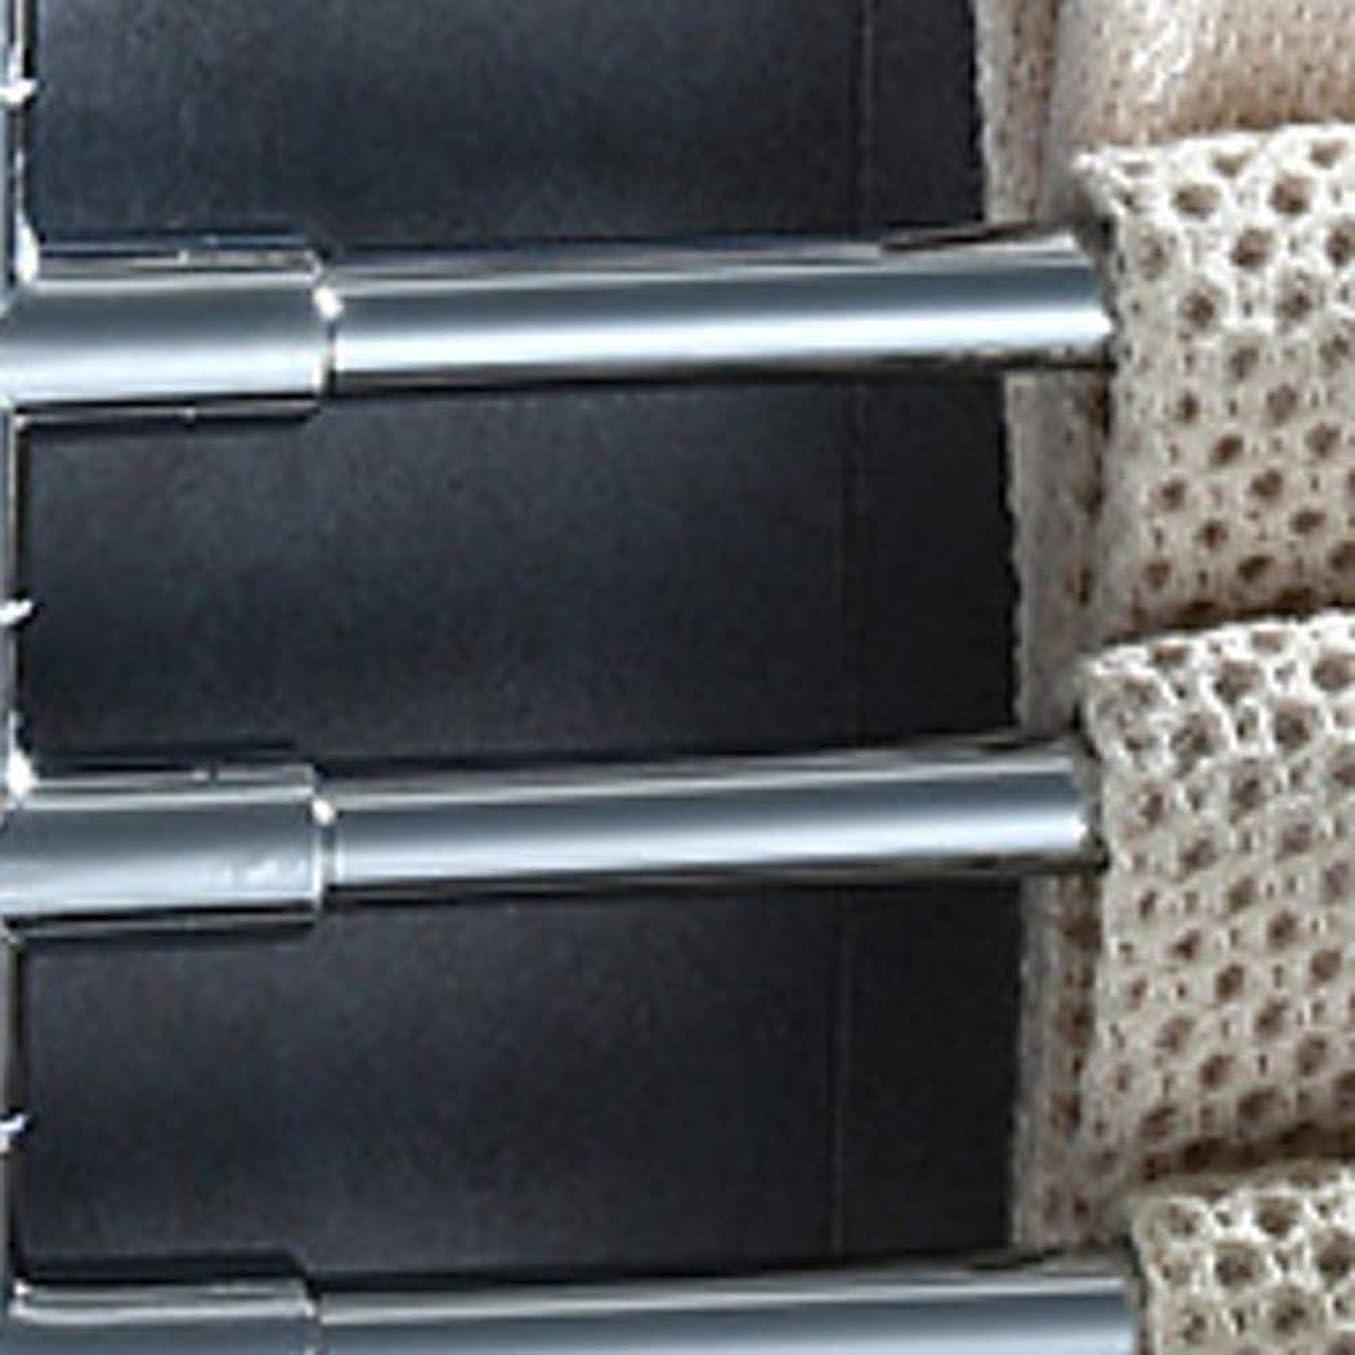 旅行代理店ヒット無限タオルバー 現代的なステンレス鋼鉄1個4タオルバー壁掛け現代壁掛けタオル掛け 浴室用設備